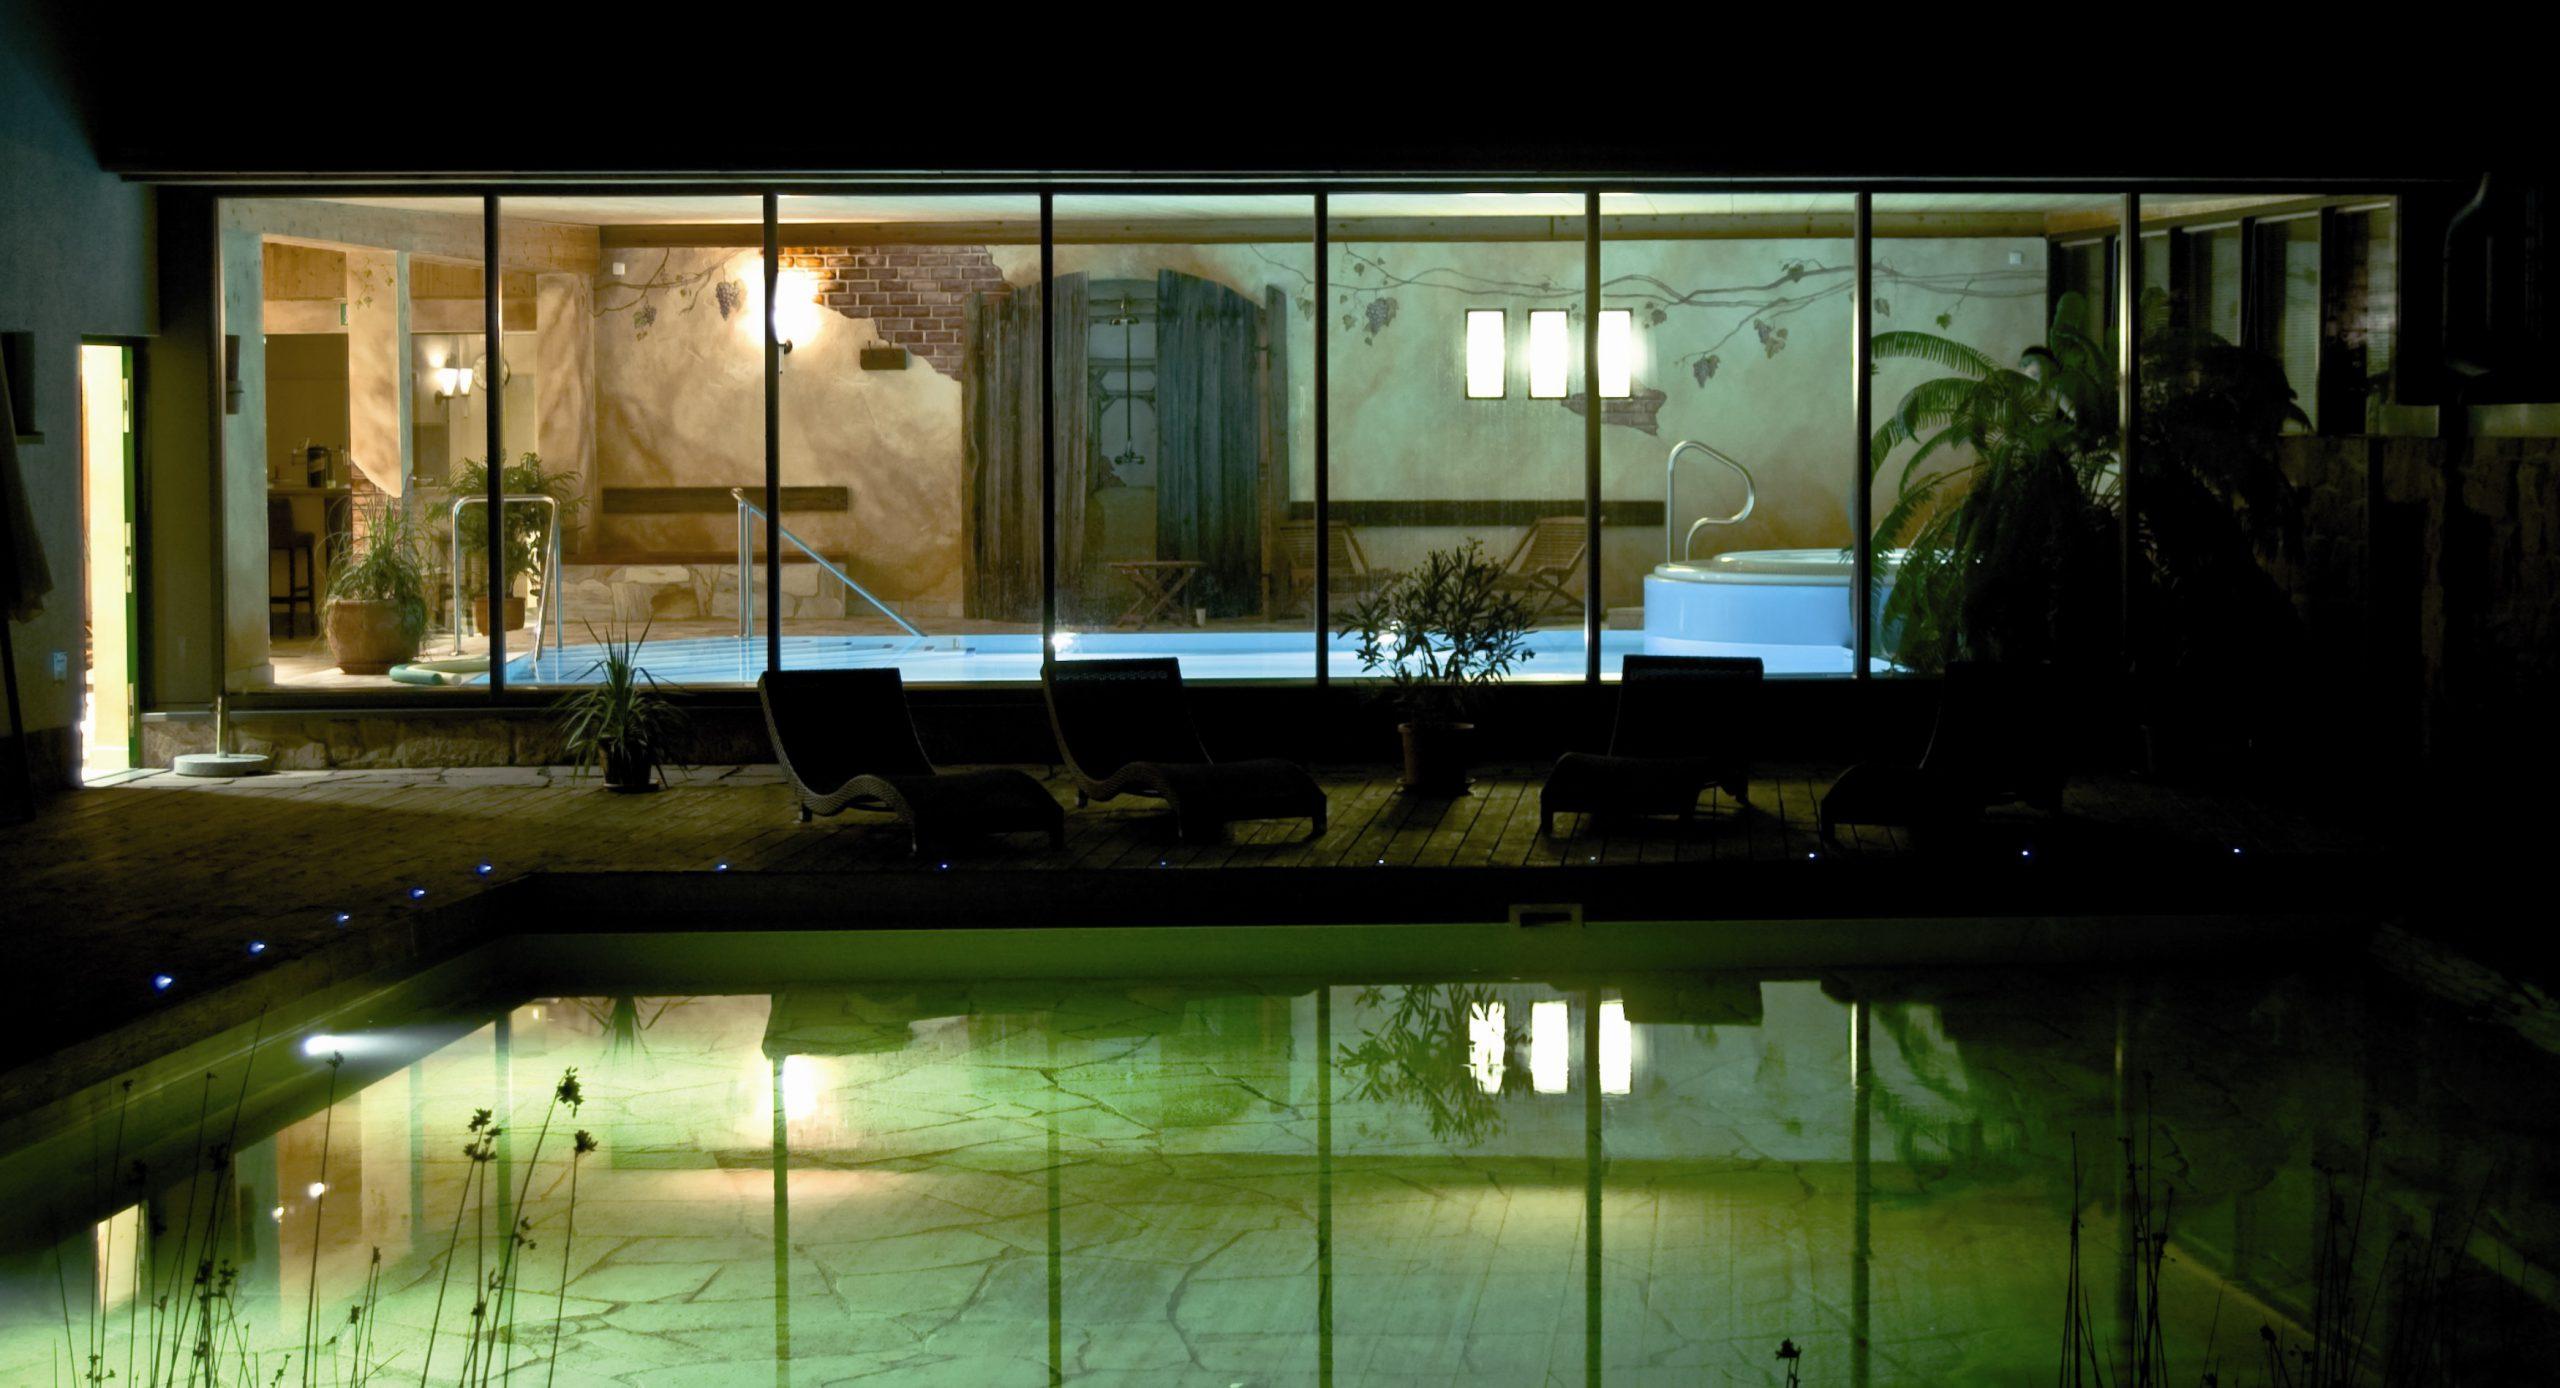 Blick von draußen ins Schwimmbad